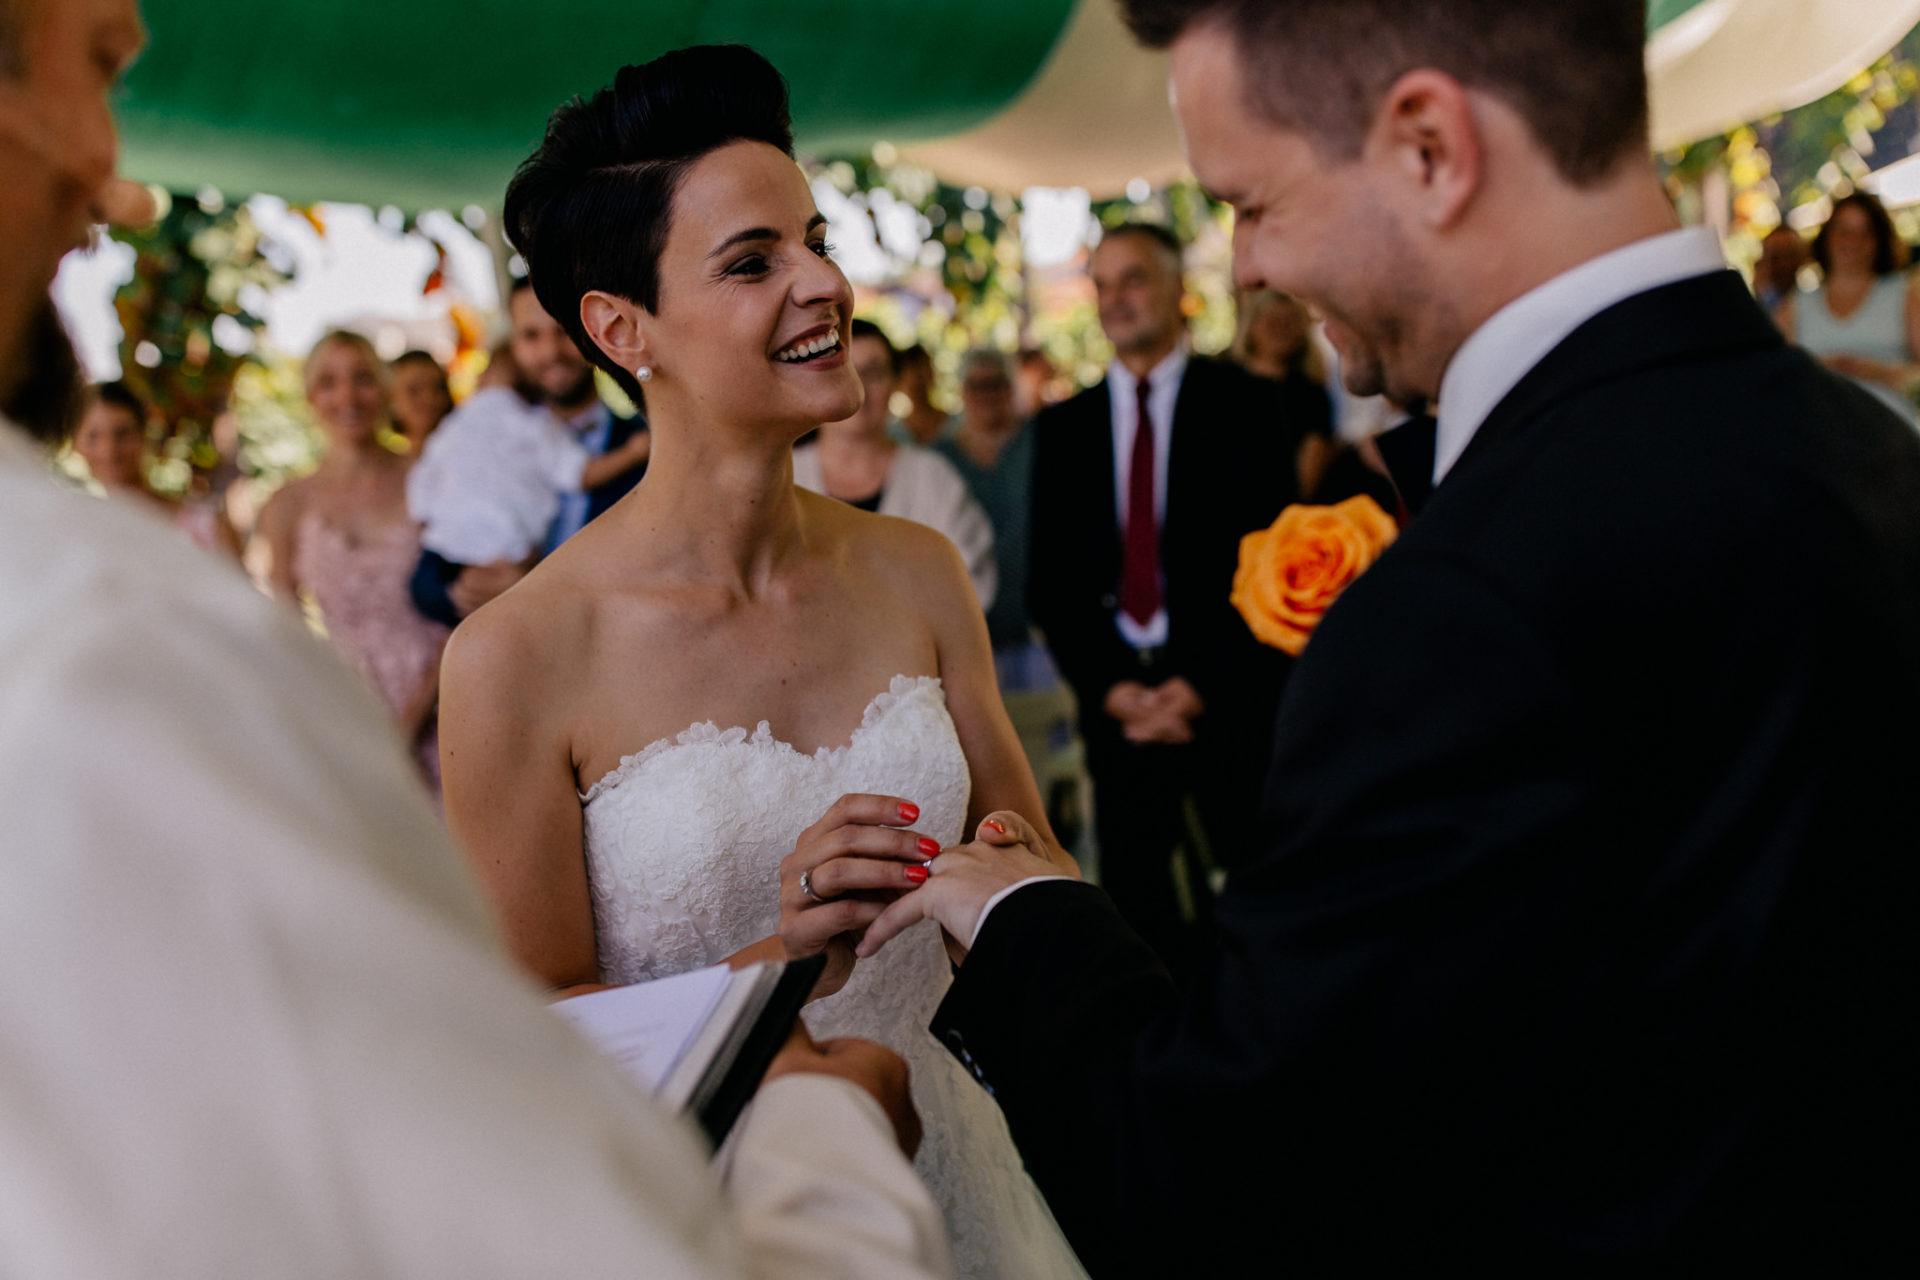 Weingut Fitz Ritter Hochzeitsfotograf-heiraten Pfalz-Sommerhochzeit Freie Trauung Ringübergabe